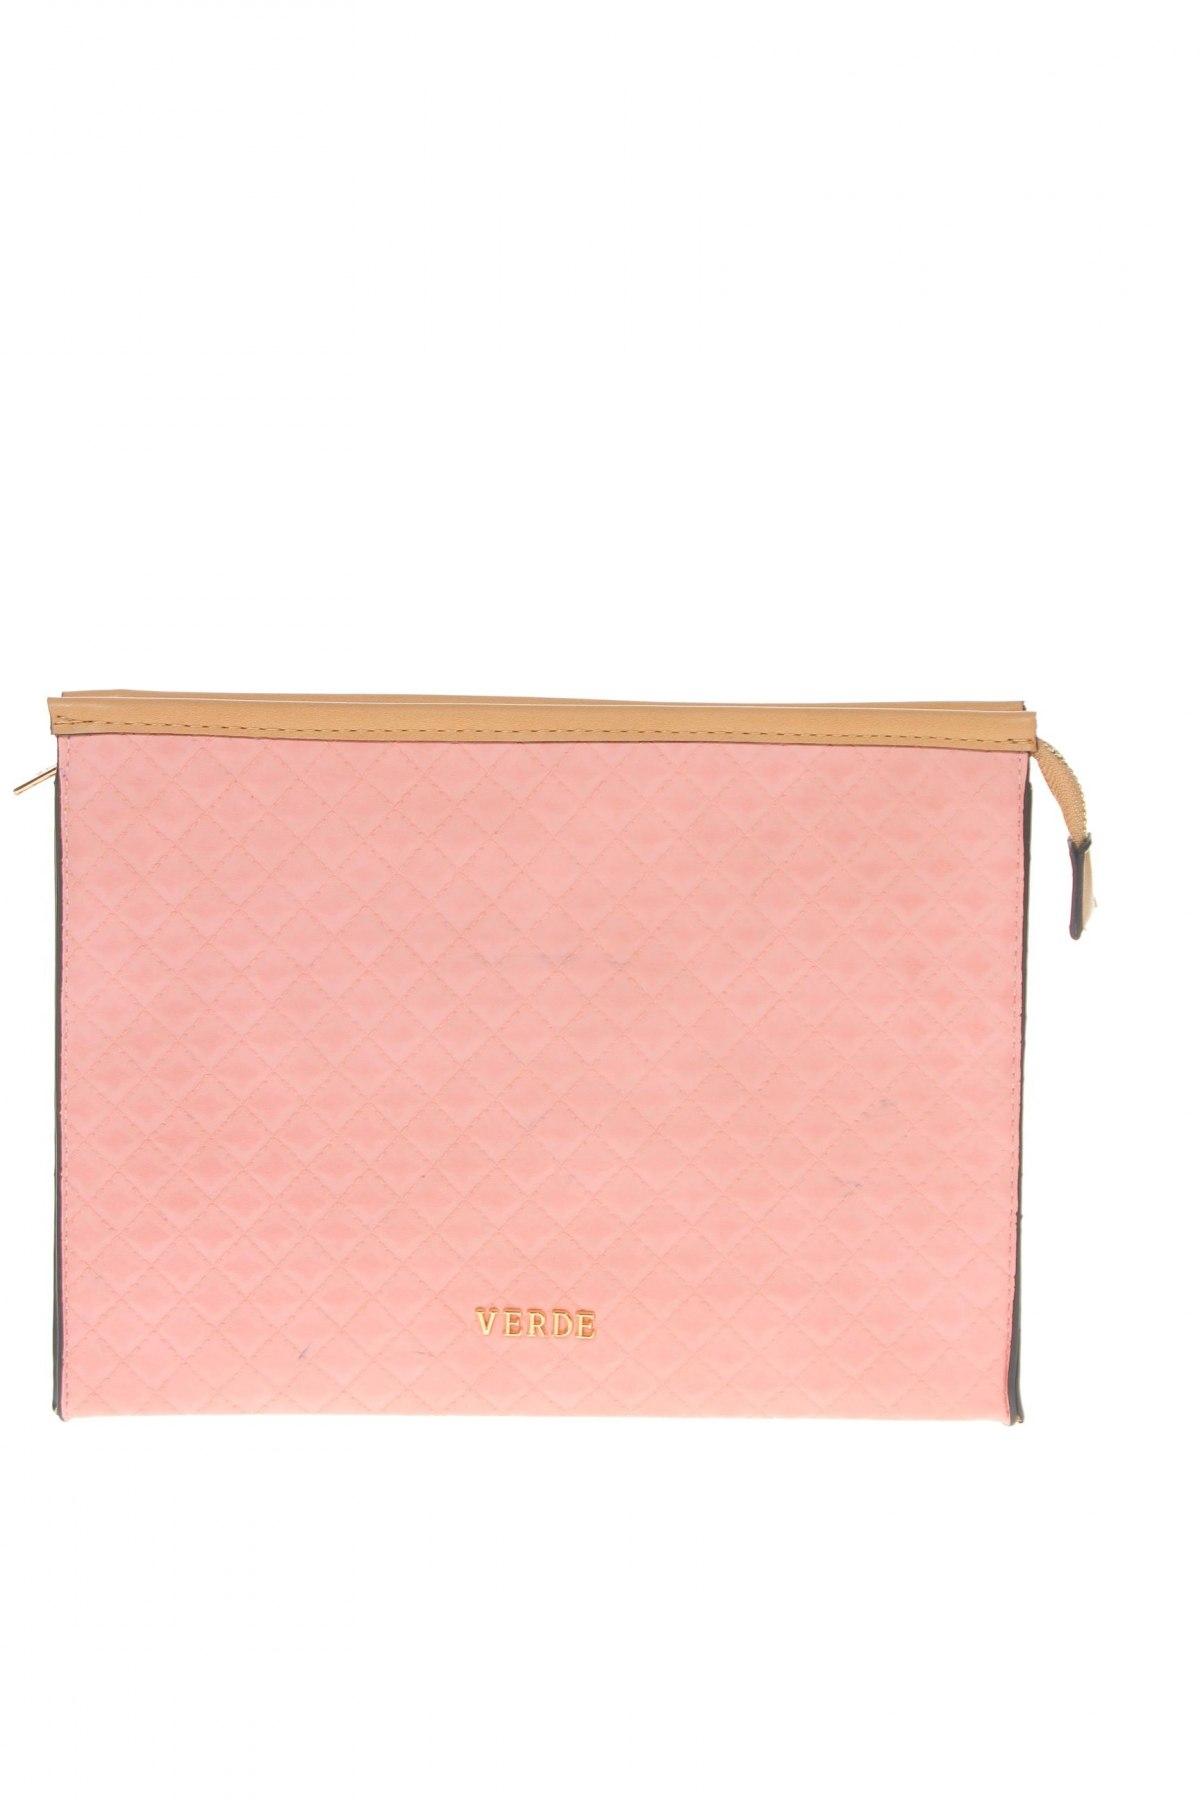 Дамска чанта Verde, Цвят Розов, Еко кожа, Цена 12,42лв.